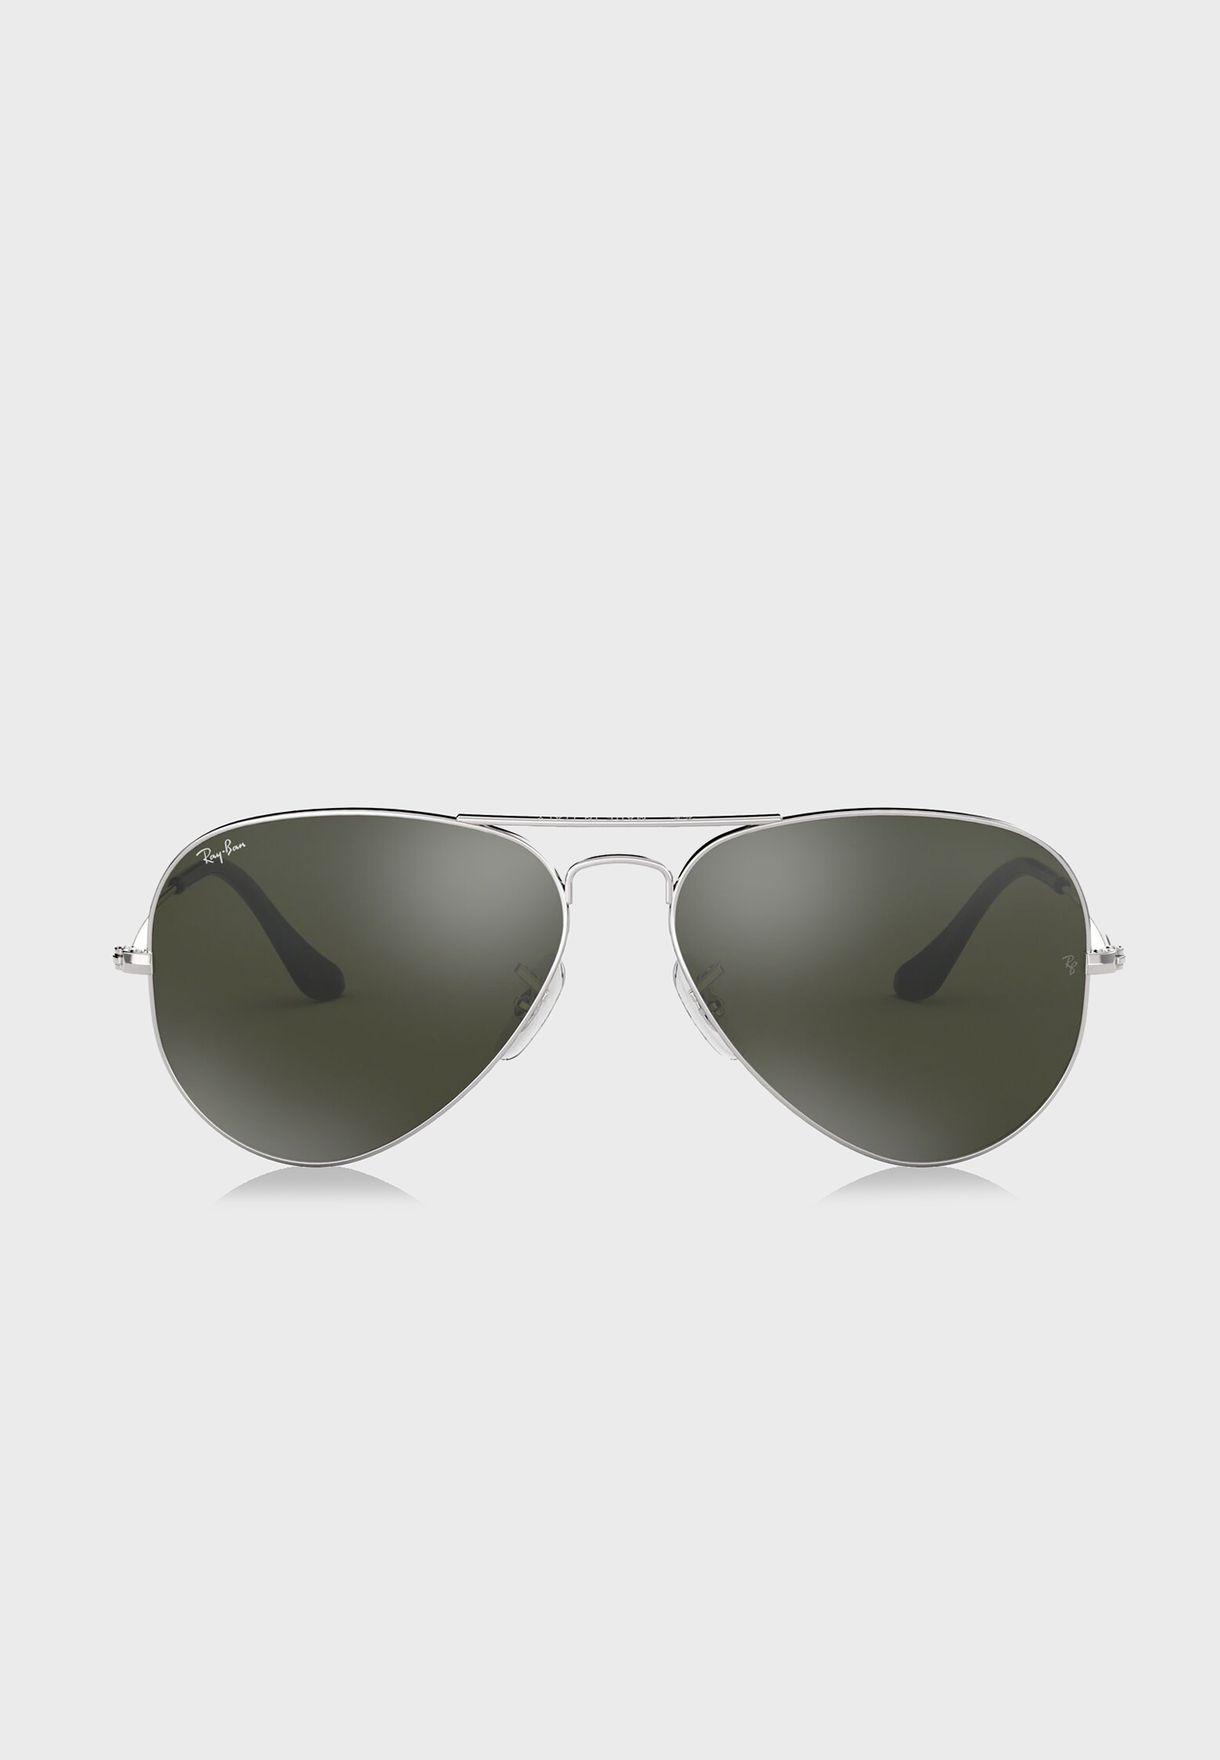 516e9d4b5 تسوق نظارة شمسية افياتور عاكسة ماركة ريبان لون فضي 805289005612 في ...